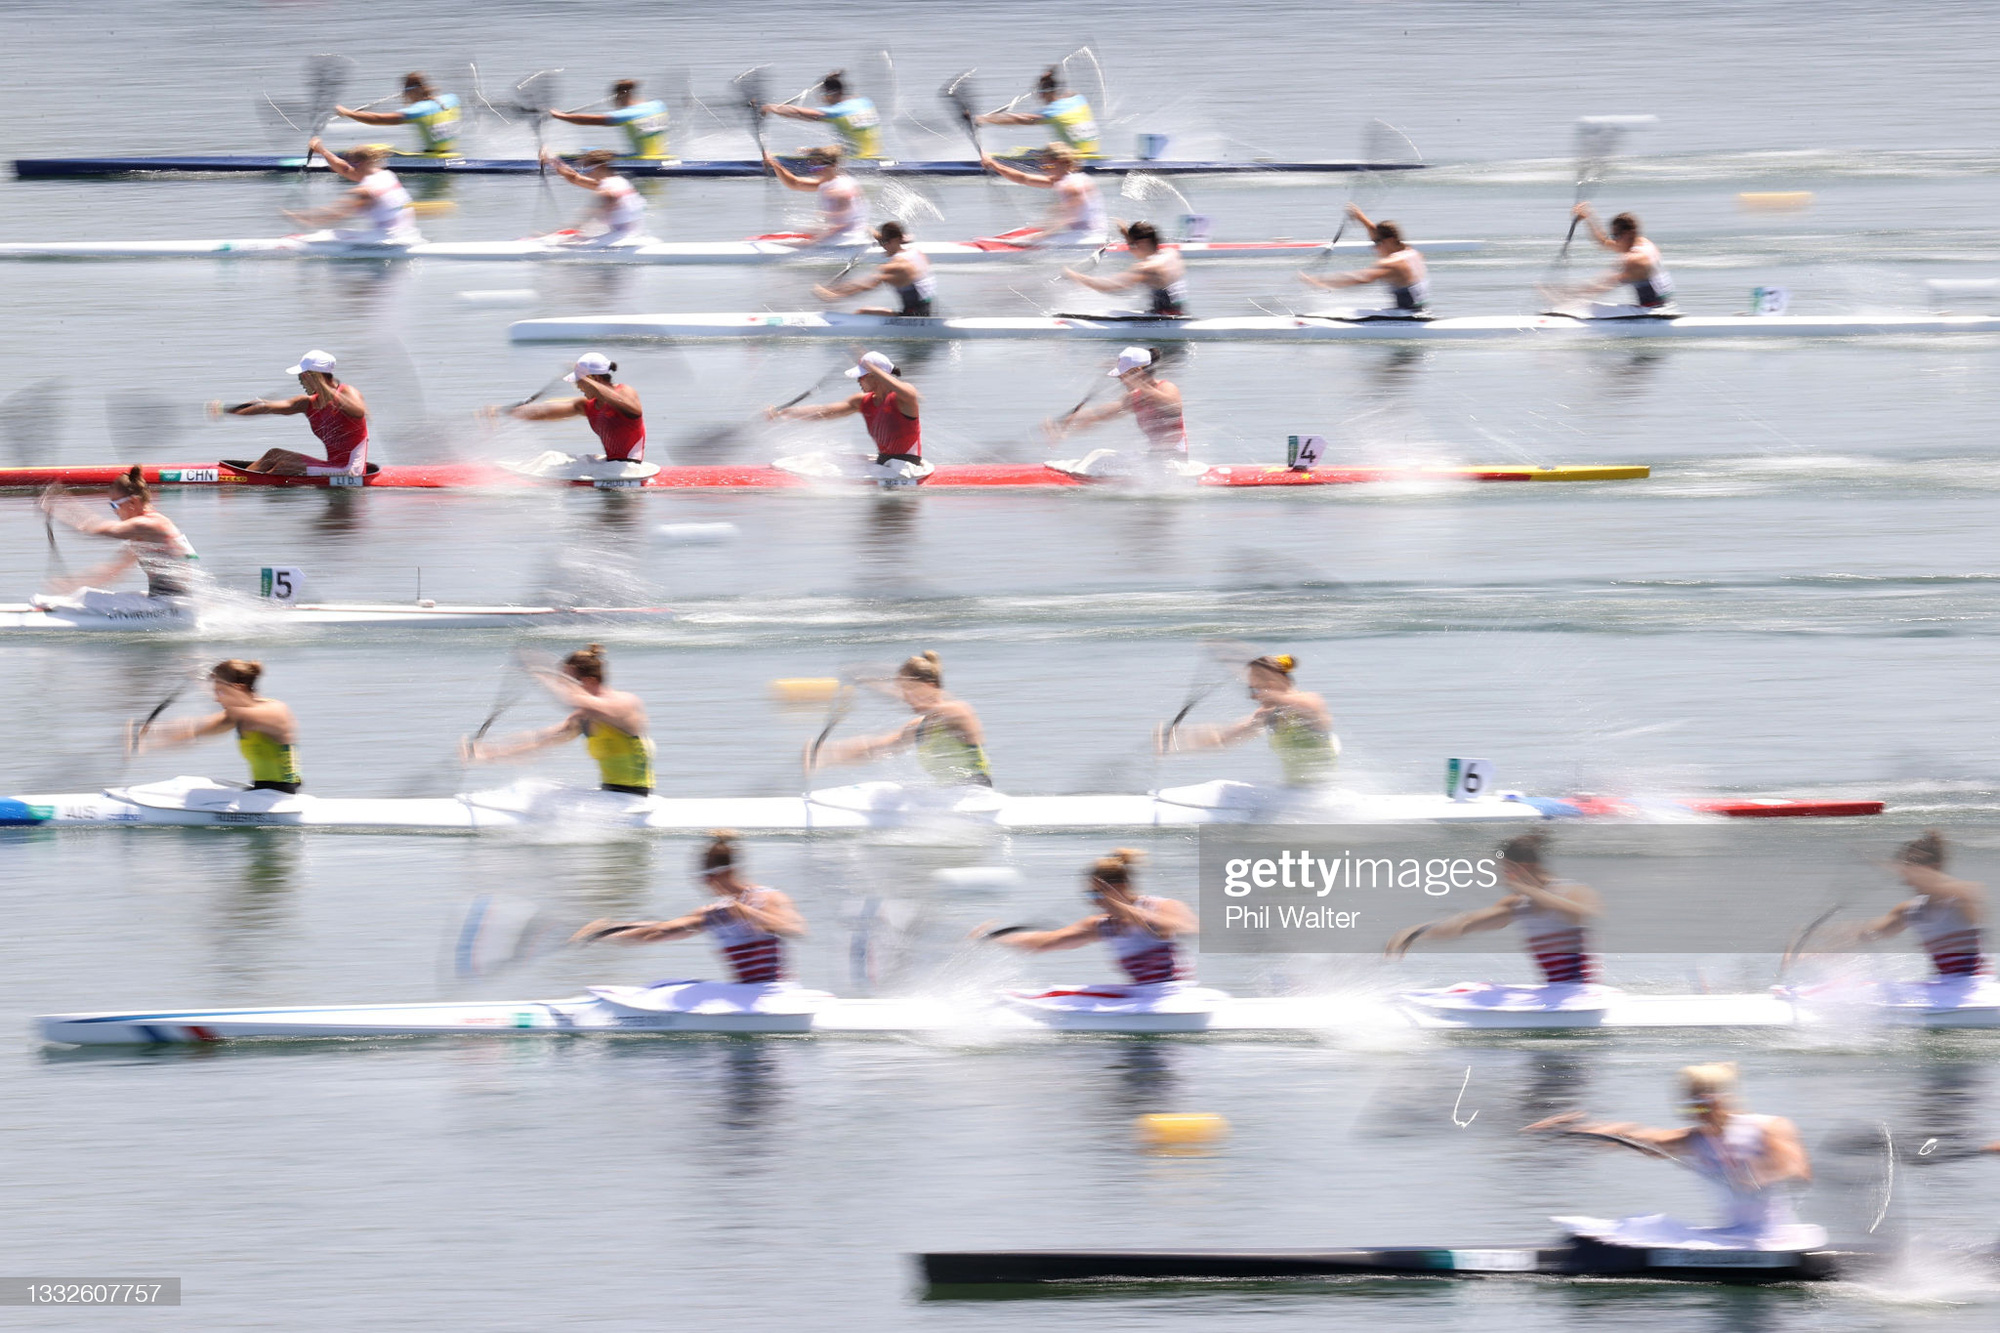 Những góc ảnh đẹp ngỡ ngàng ở Olympic Tokyo 2020 - Ảnh 13.